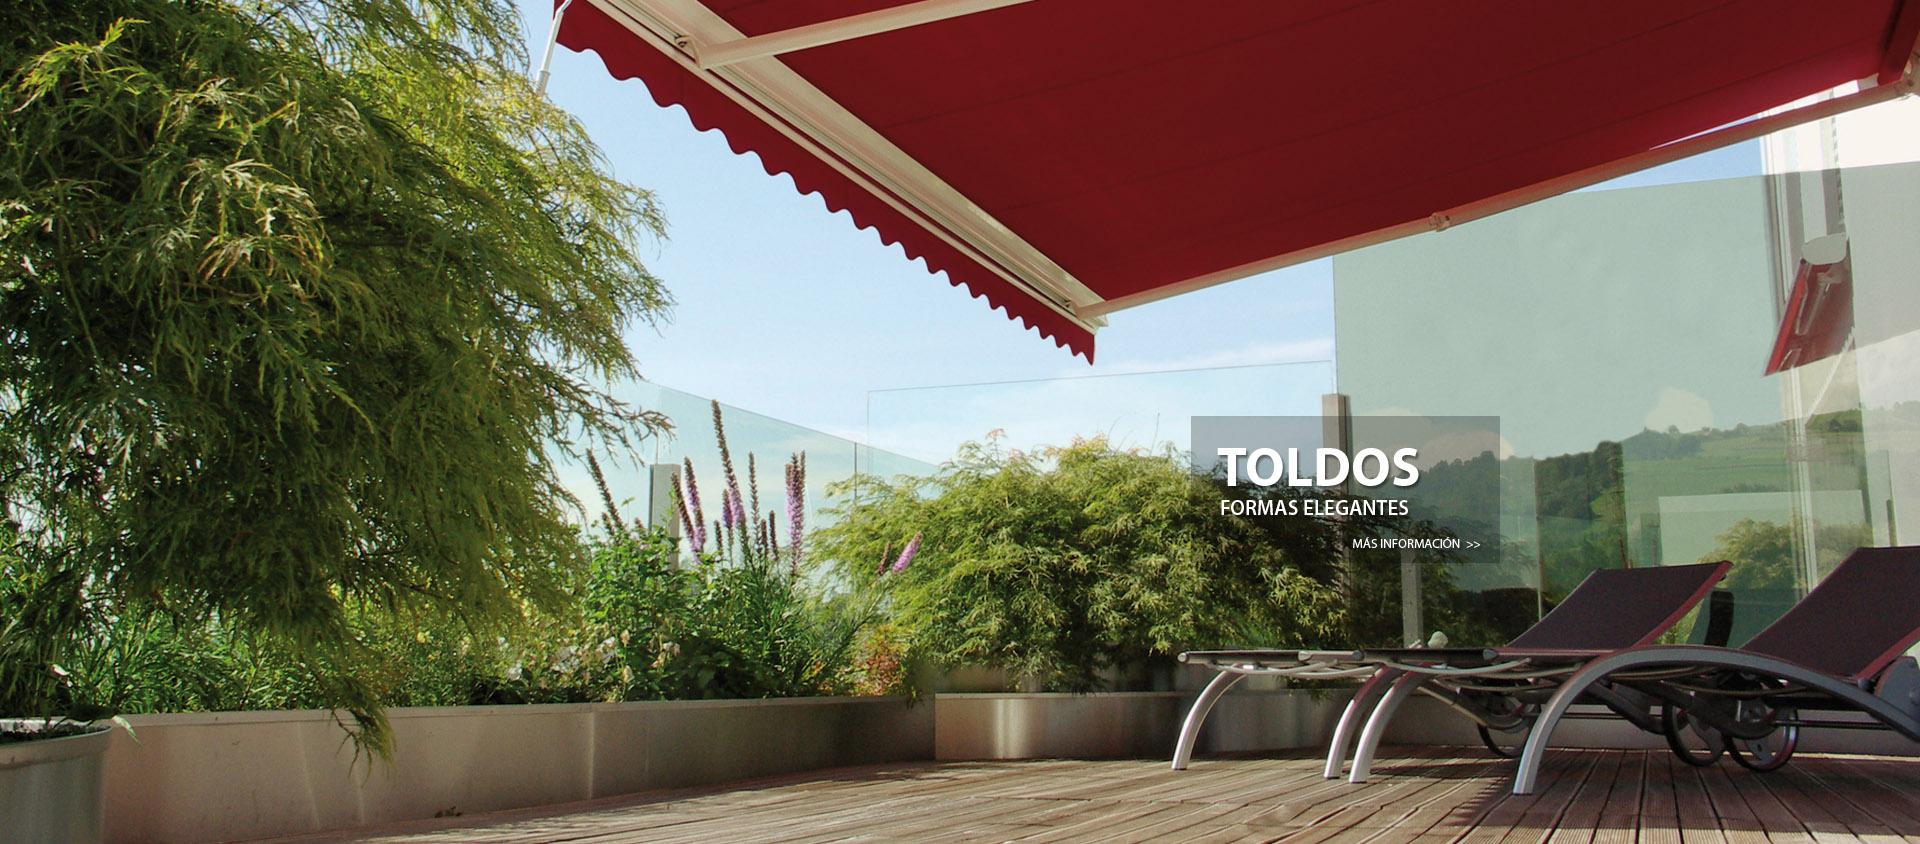 Techos retractiles para terrazas best toldos y lonas para for Toldos retractiles para terrazas